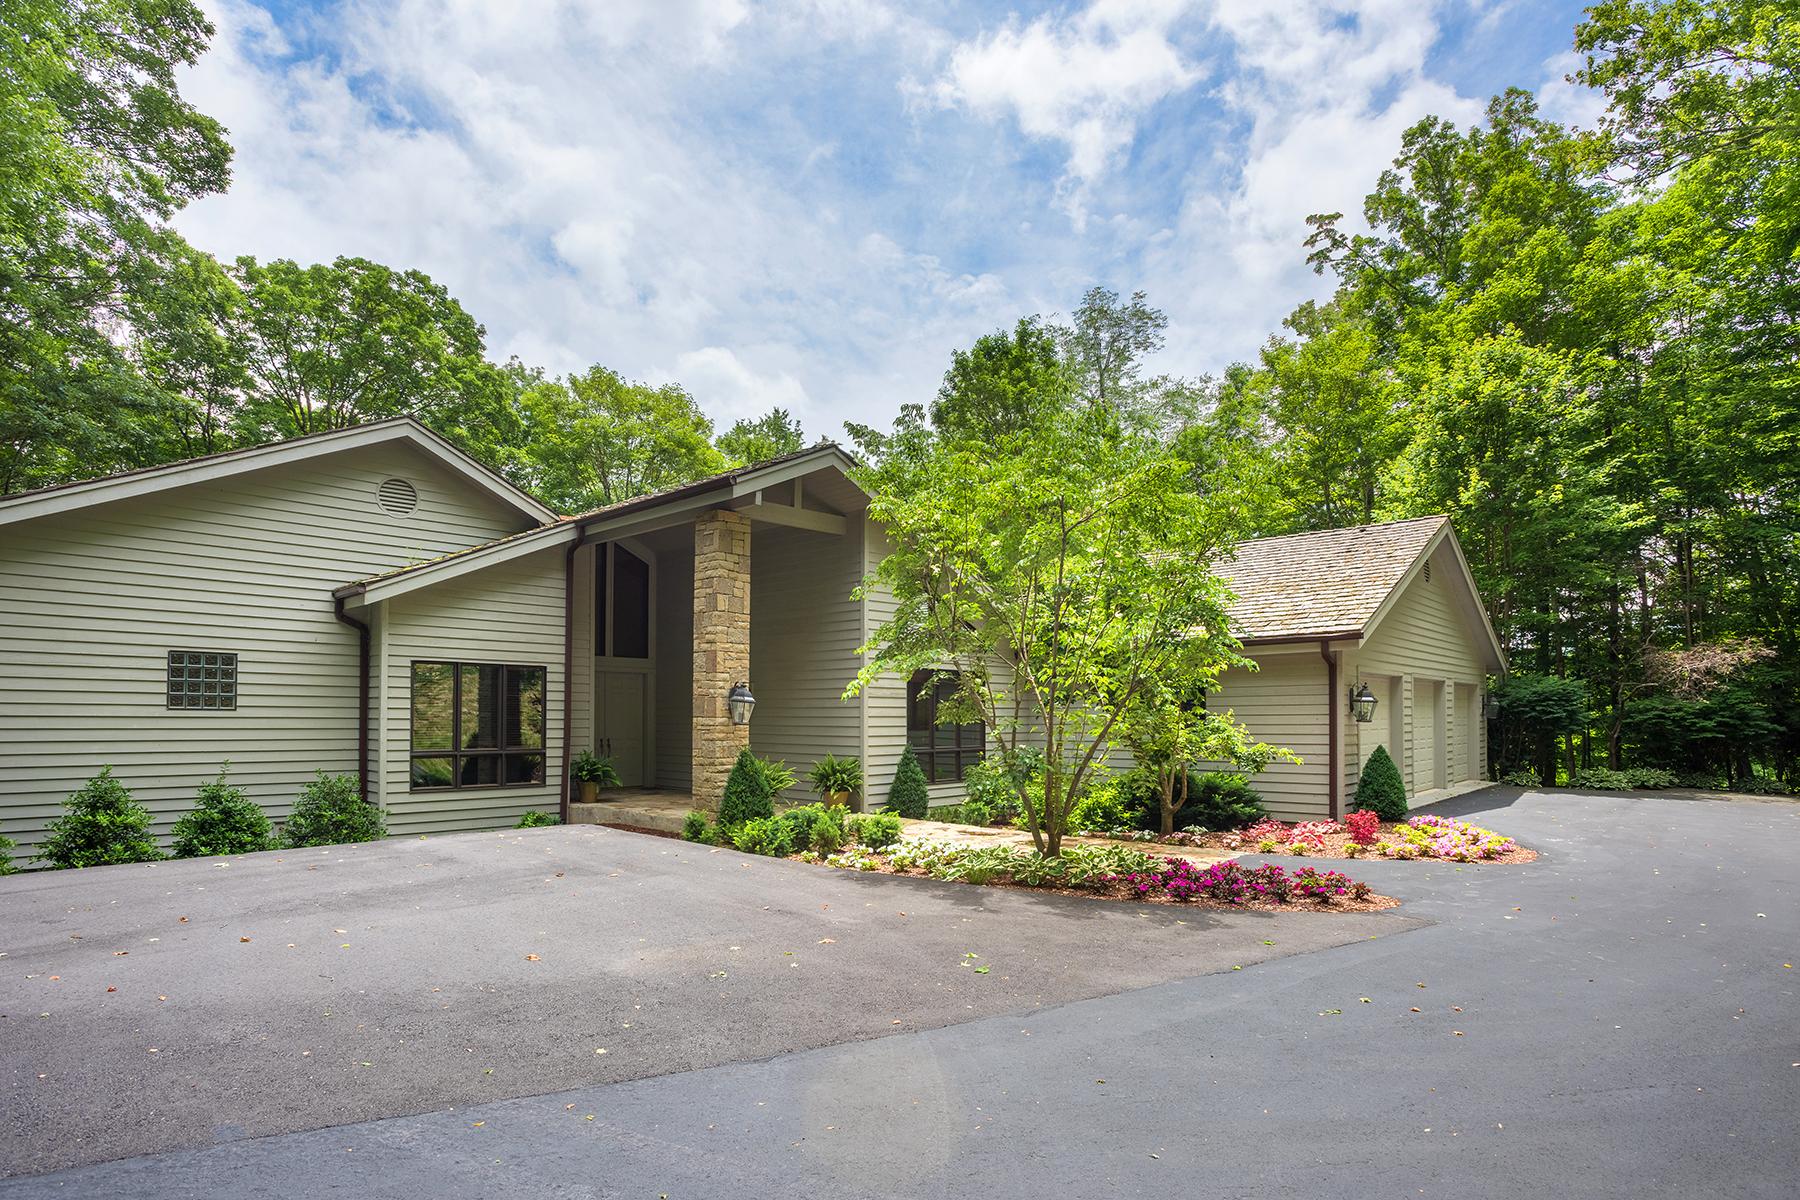 Casa Unifamiliar por un Venta en LINVILLE - LINVILLE RIDGE 703 Ridge Court Linville, Carolina Del Norte, 28646 Estados Unidos